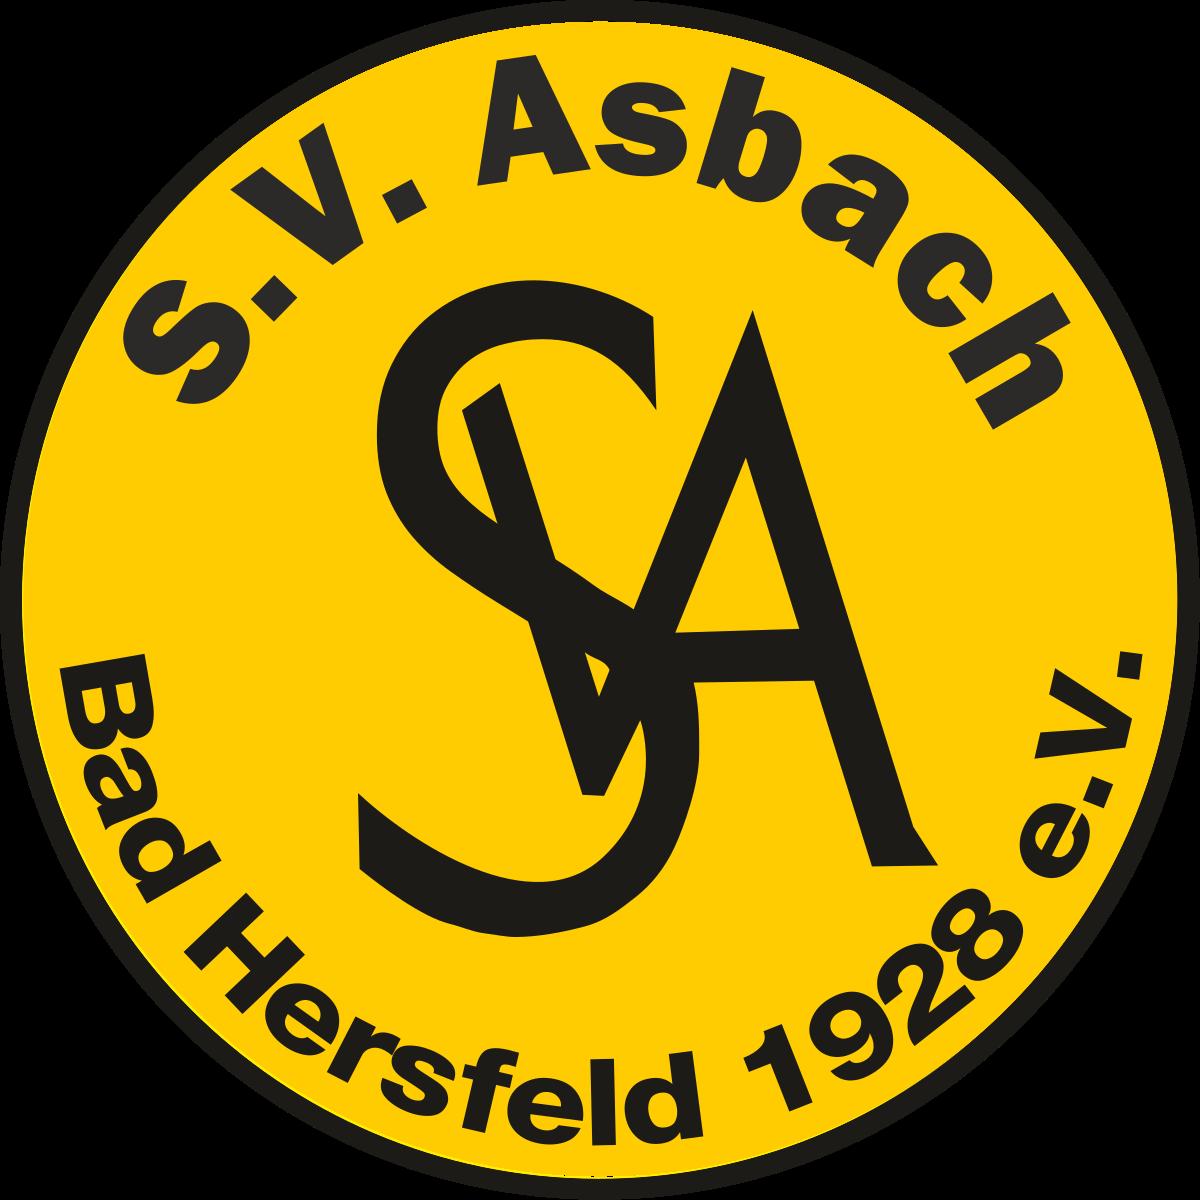 Wappen / Logo des Vereins SVA Bad Hersfeld